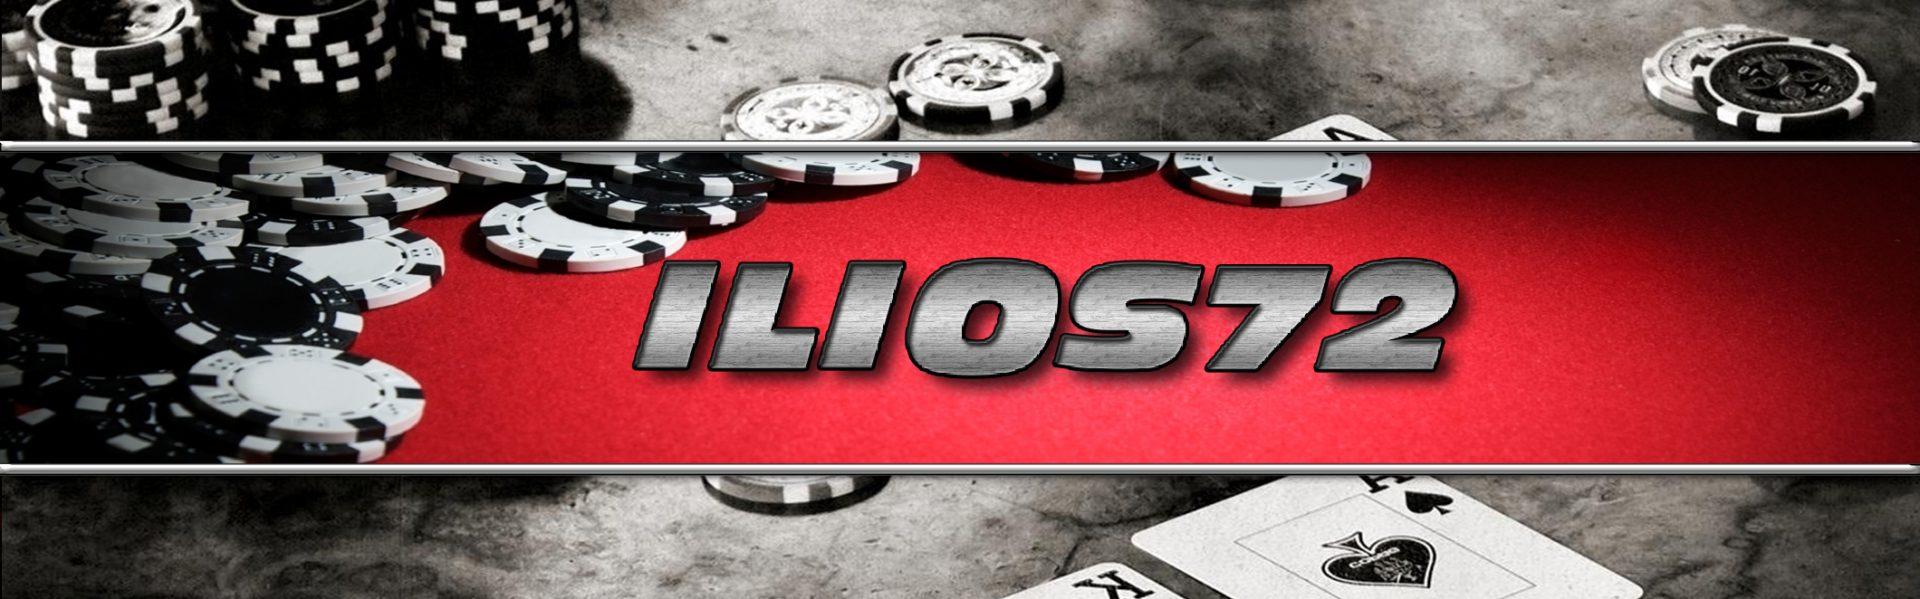 ILIOS72